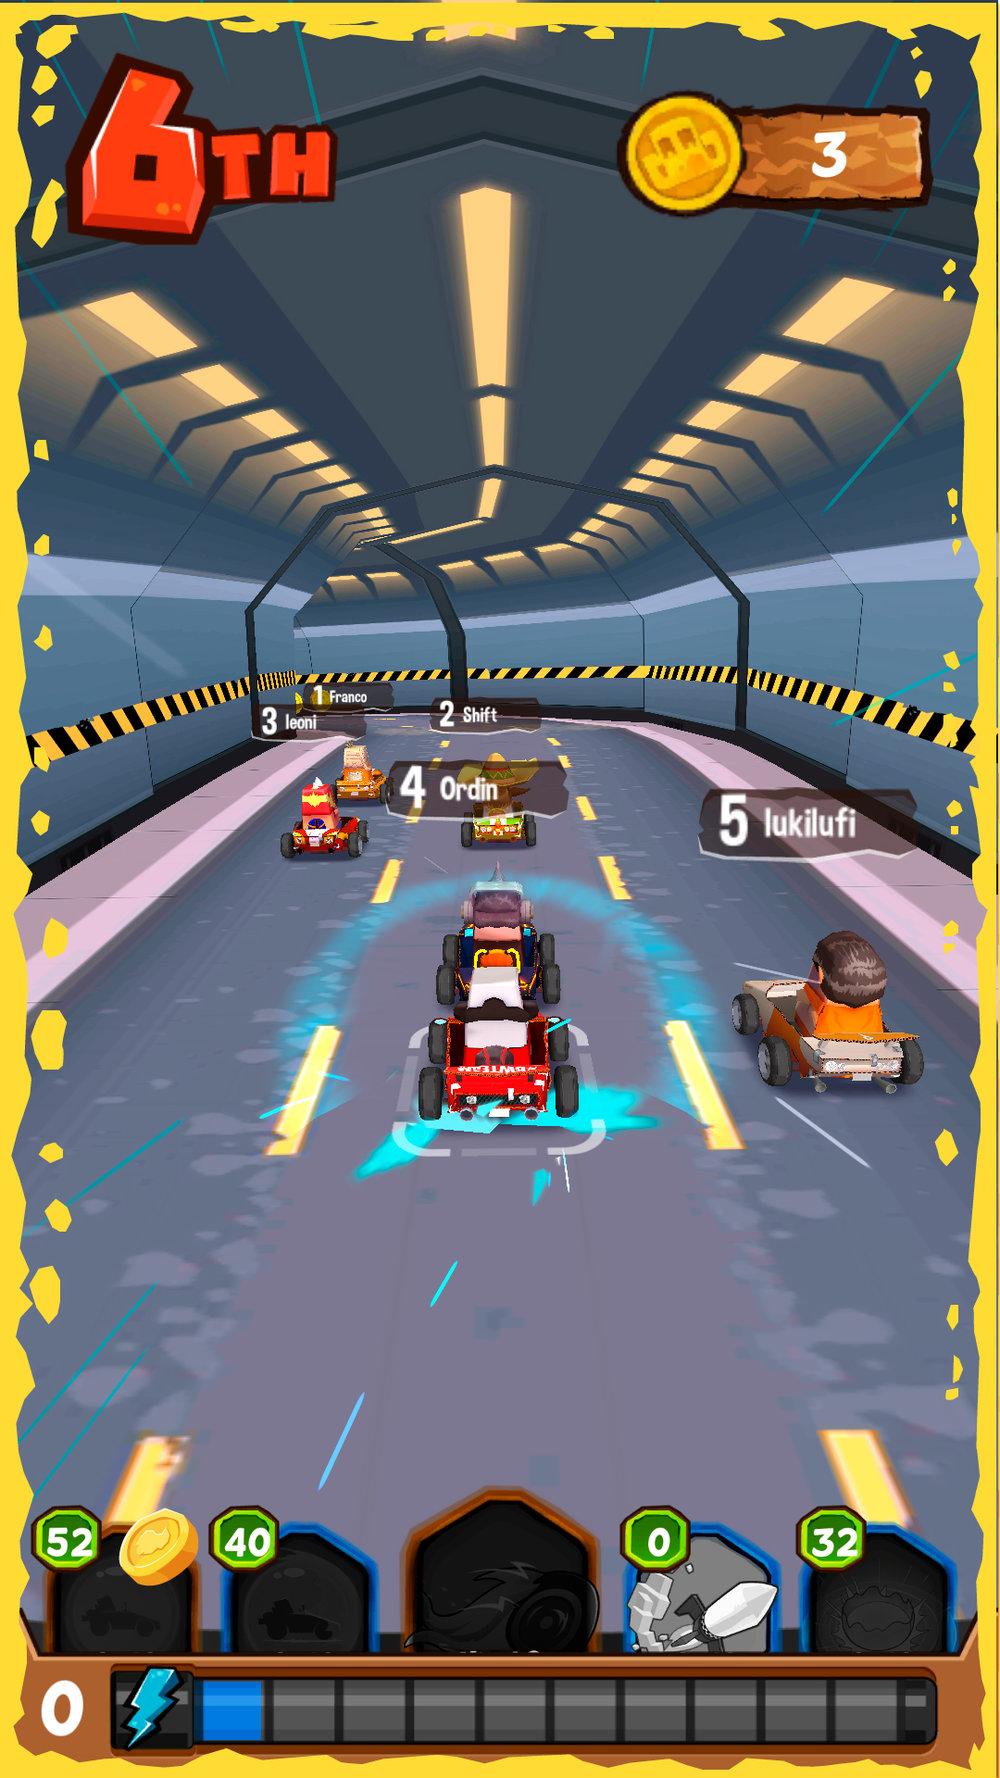 Racer_squad_9.jpg